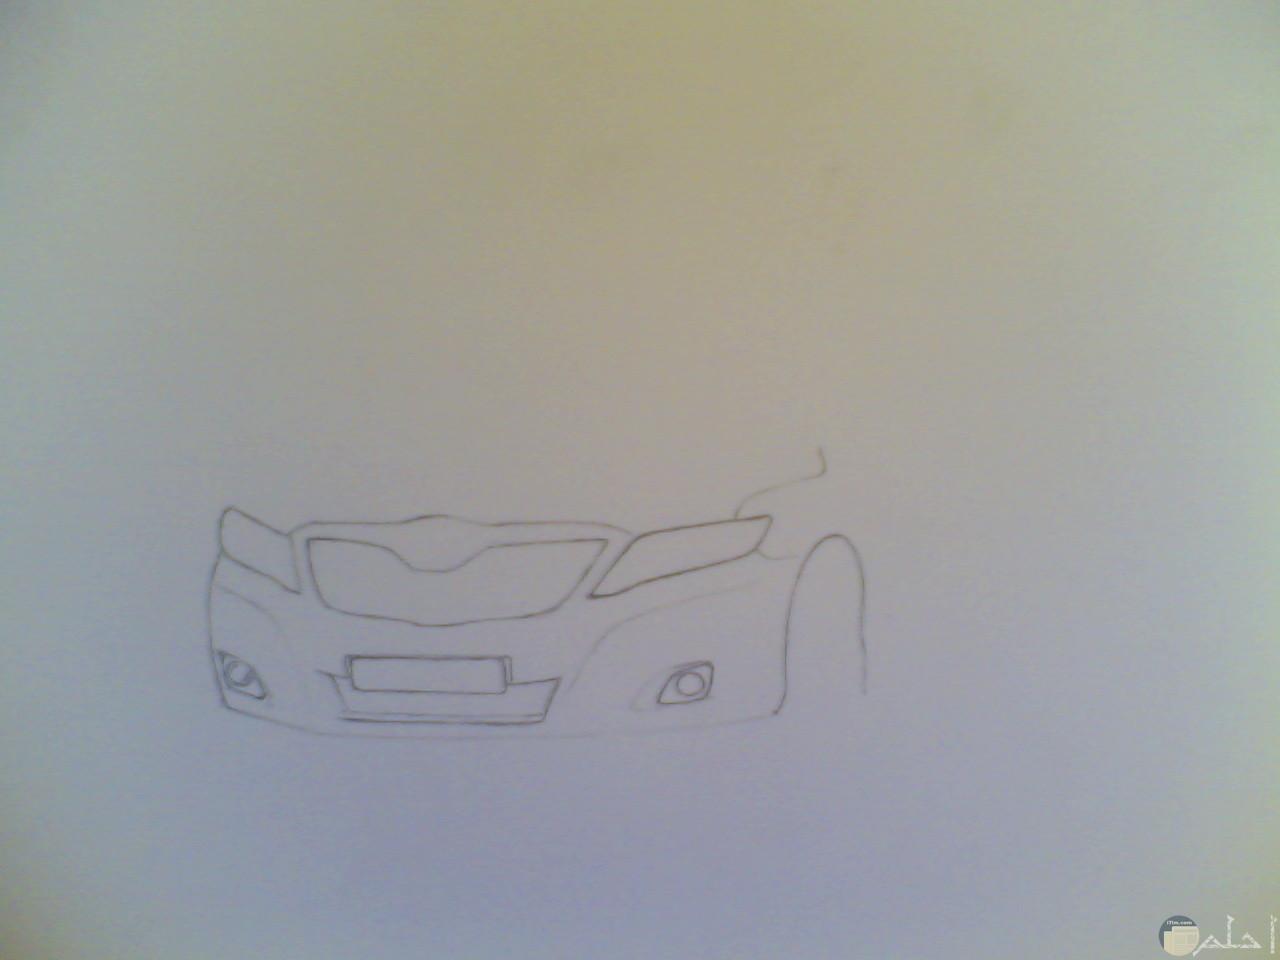 ثم نرسم وجة السيارة